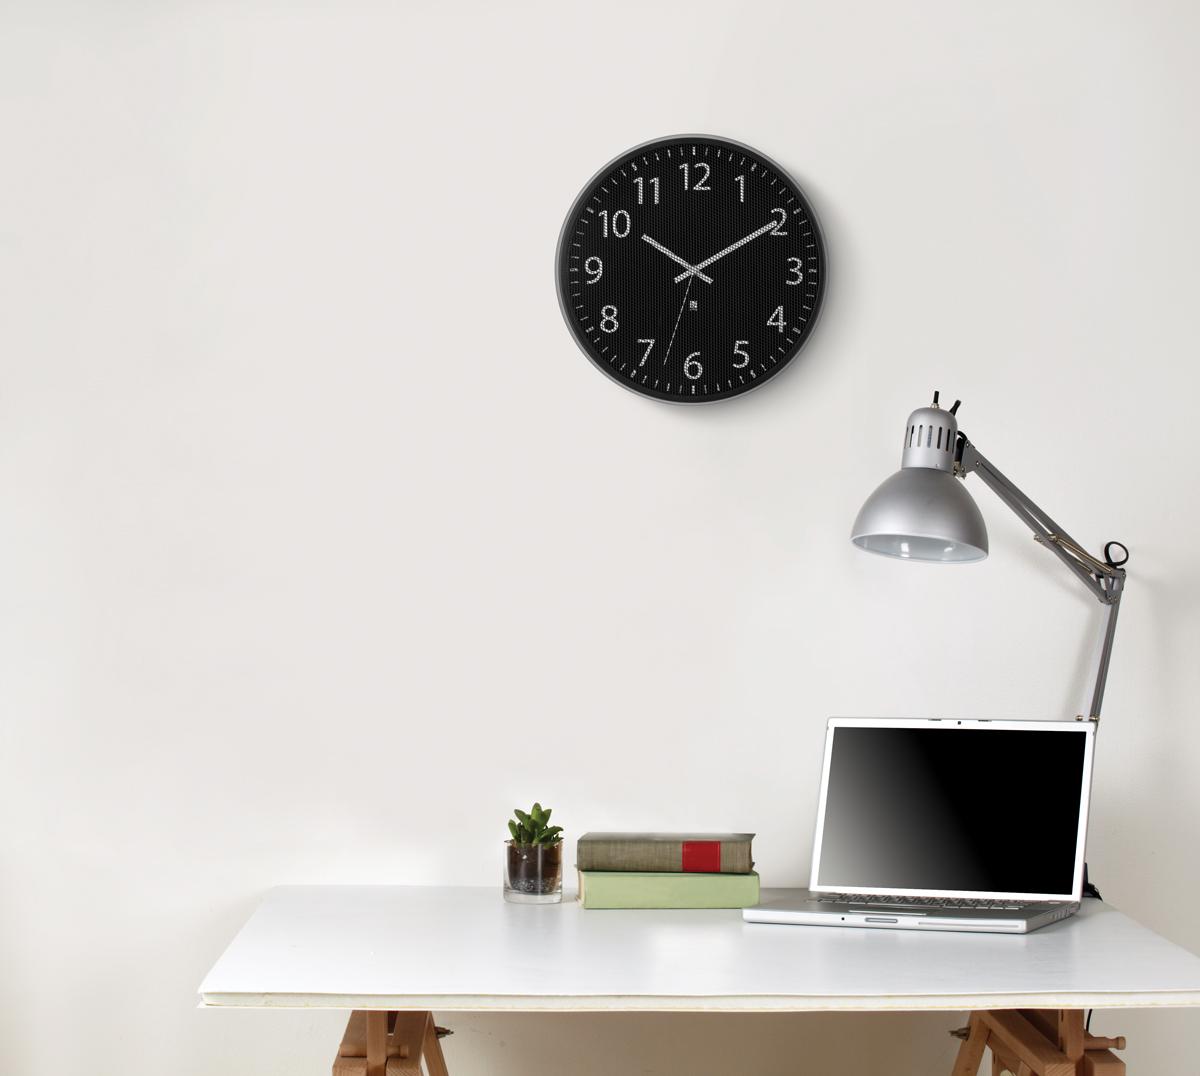 Часы настенные Umbra Perftime118422-040В отличие от стандартных часов, циферблат модели Pertime защищен не стеклом, а тонкой металлической сеткой, которая создает интересный оптический эффект. В дополнение к плюсам - приятное покрытие основания из матового металла и секундная стрелка, позволяющая определить время с супер-точностью. Батарейка в комплект не входит.